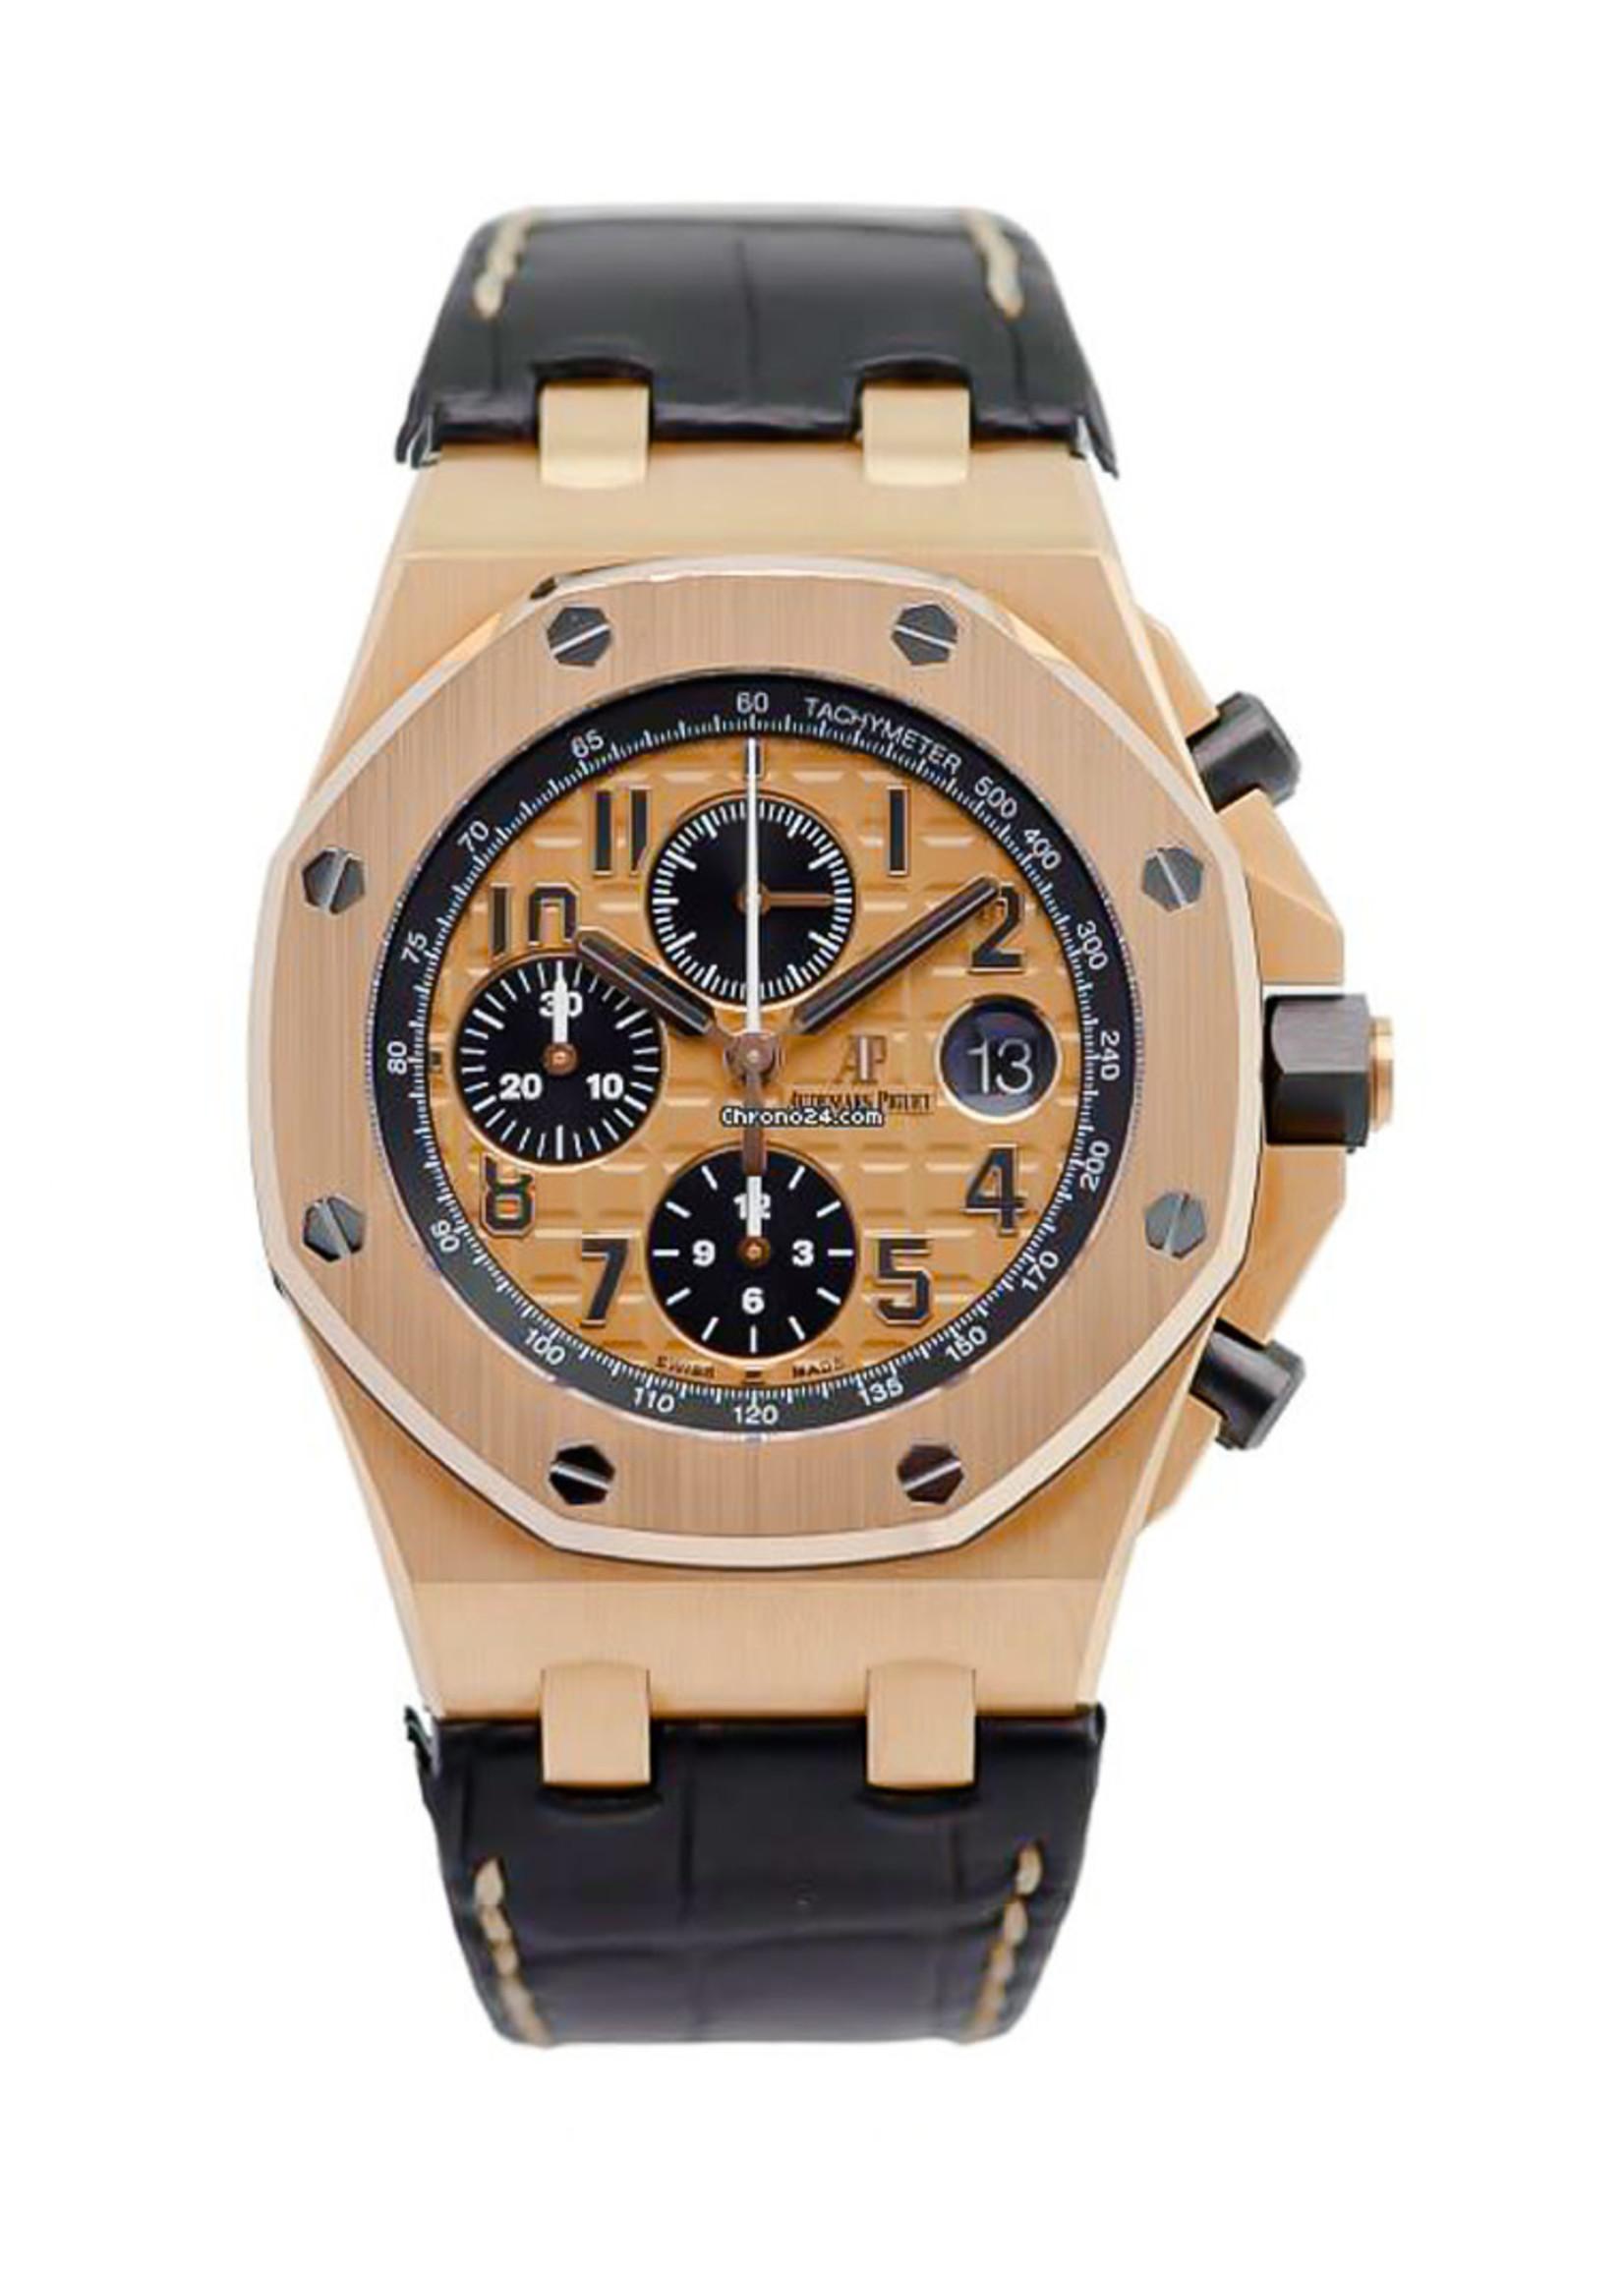 Rolex Watches AUDEMARS PIGUET 42MM ROO (2014 B+P) #26470OR.OO.A002CR.01